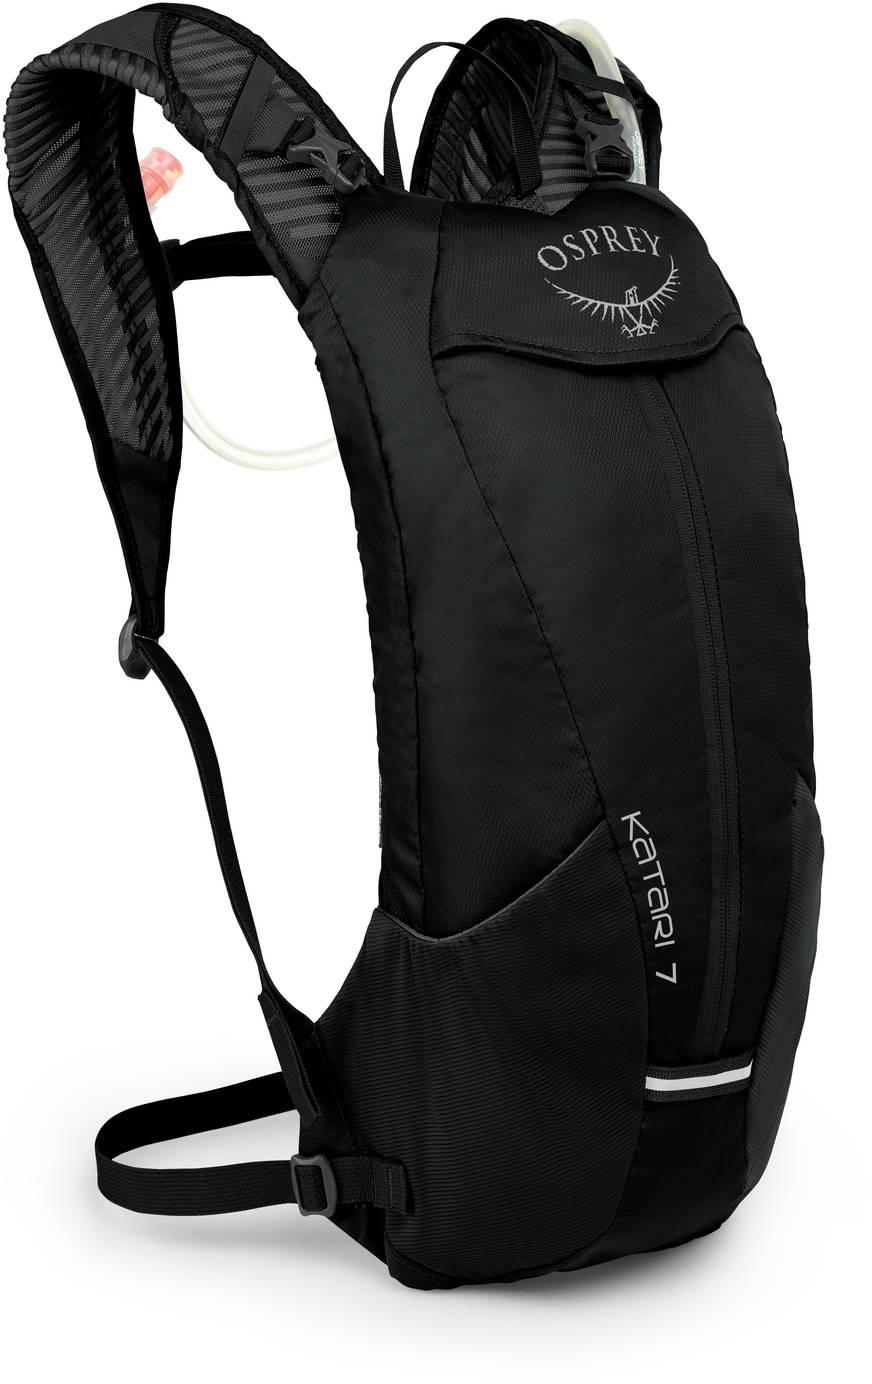 Рюкзаки для бега Рюкзак мультиспортивный Osprey Katari 7 Black Katari_7_S19_Side_Black_web.jpg